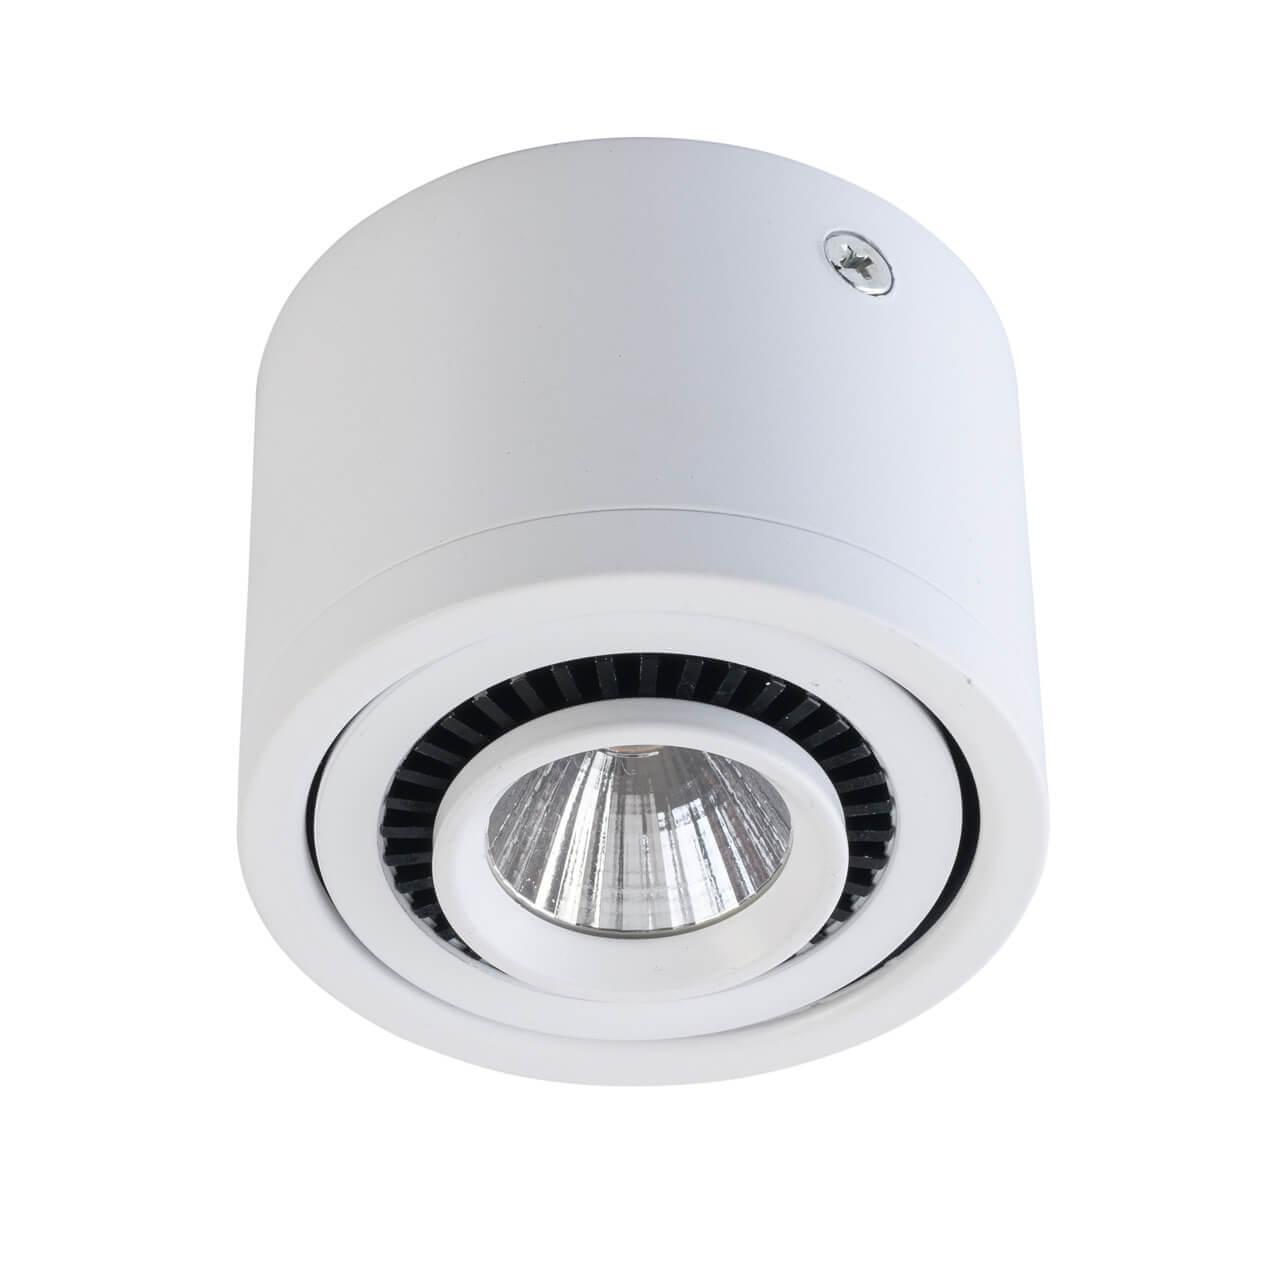 Потолочный светильник De Markt 637017001, белый цена